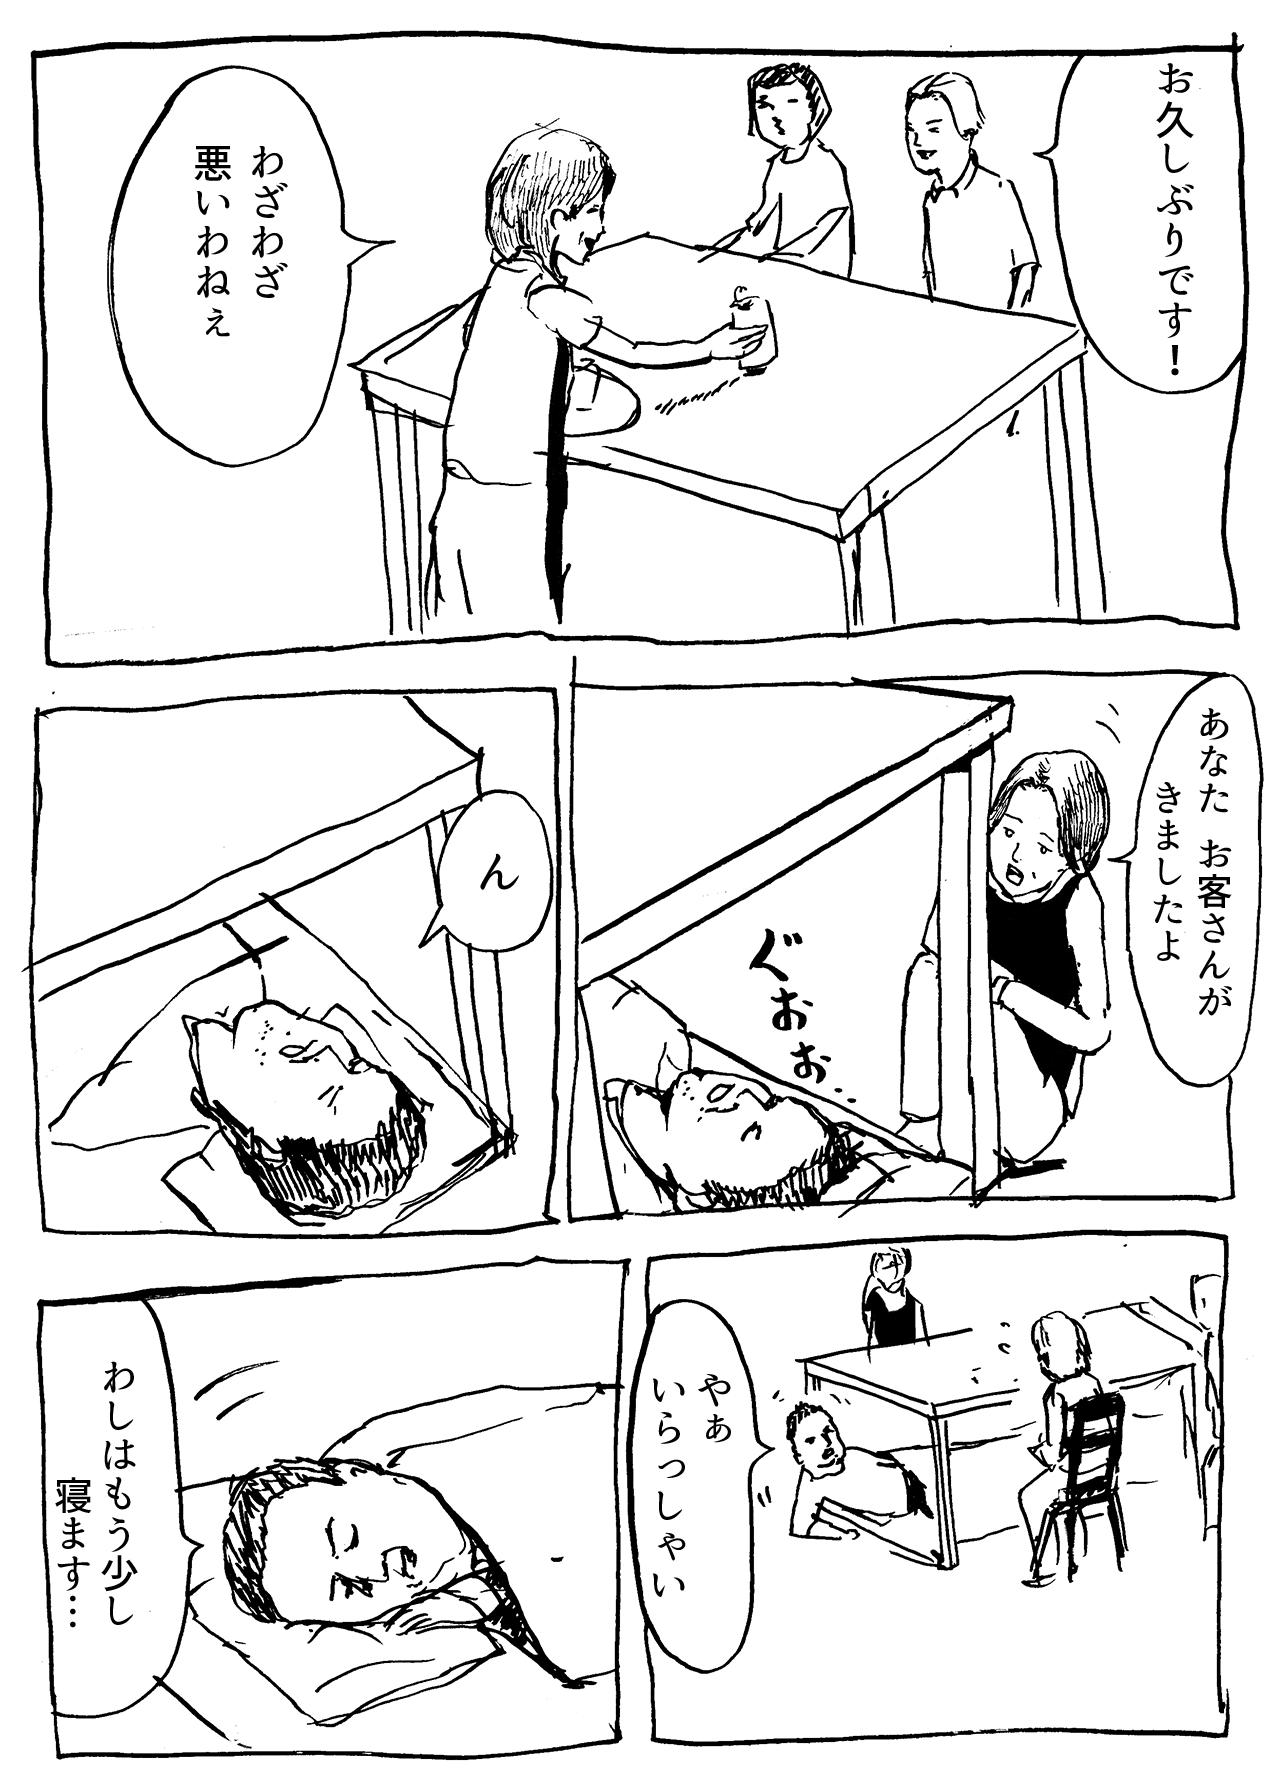 親父の寝床